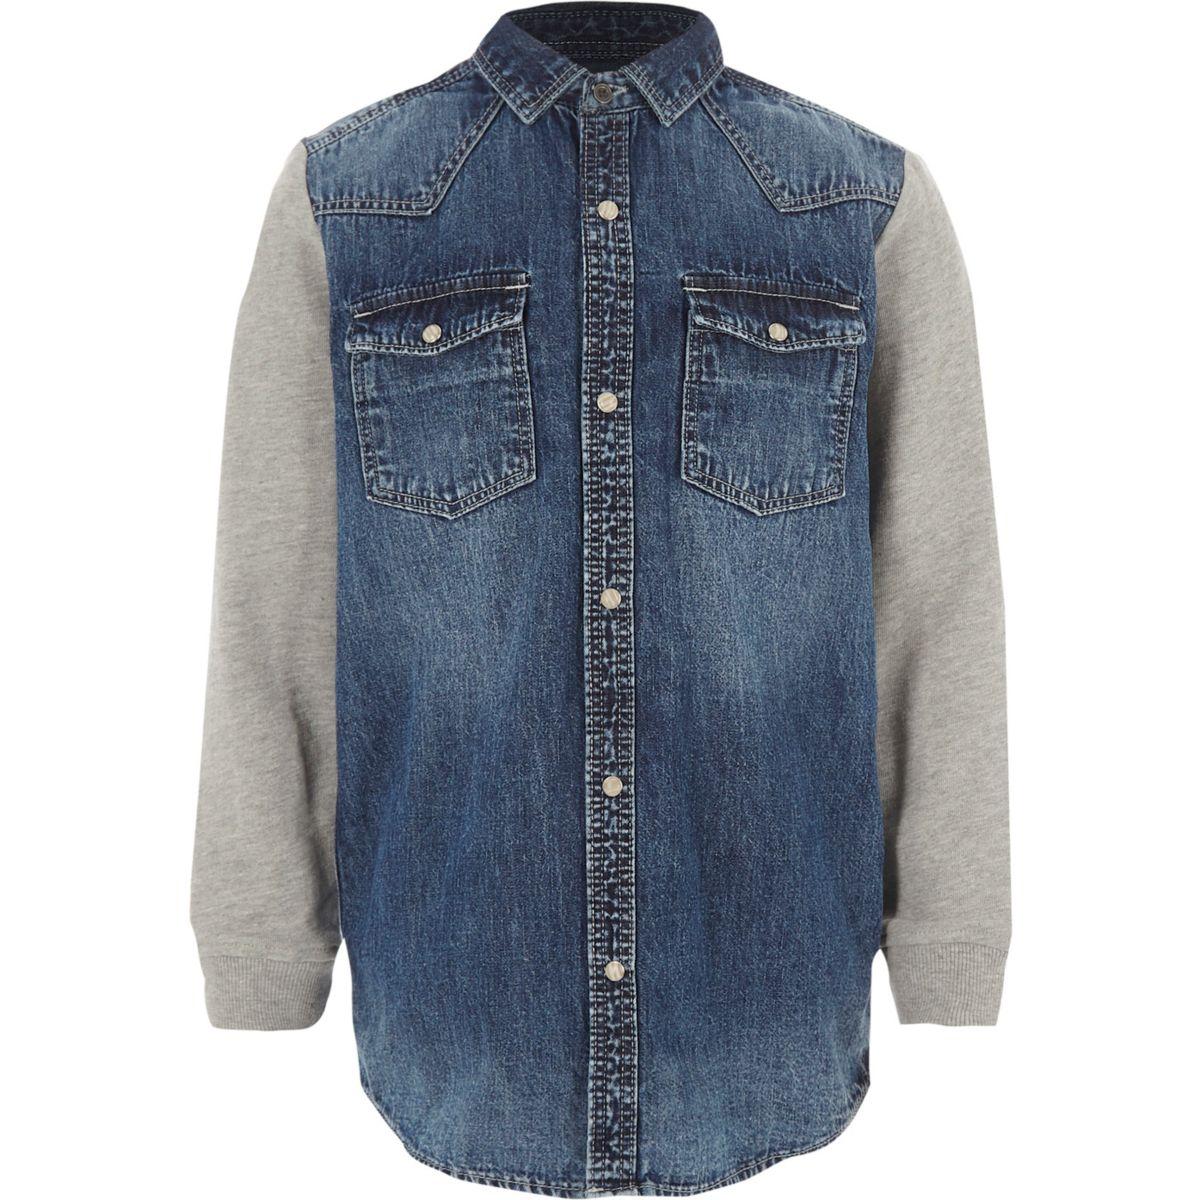 Chemise en jean bleue à manches en jersey pour garçon